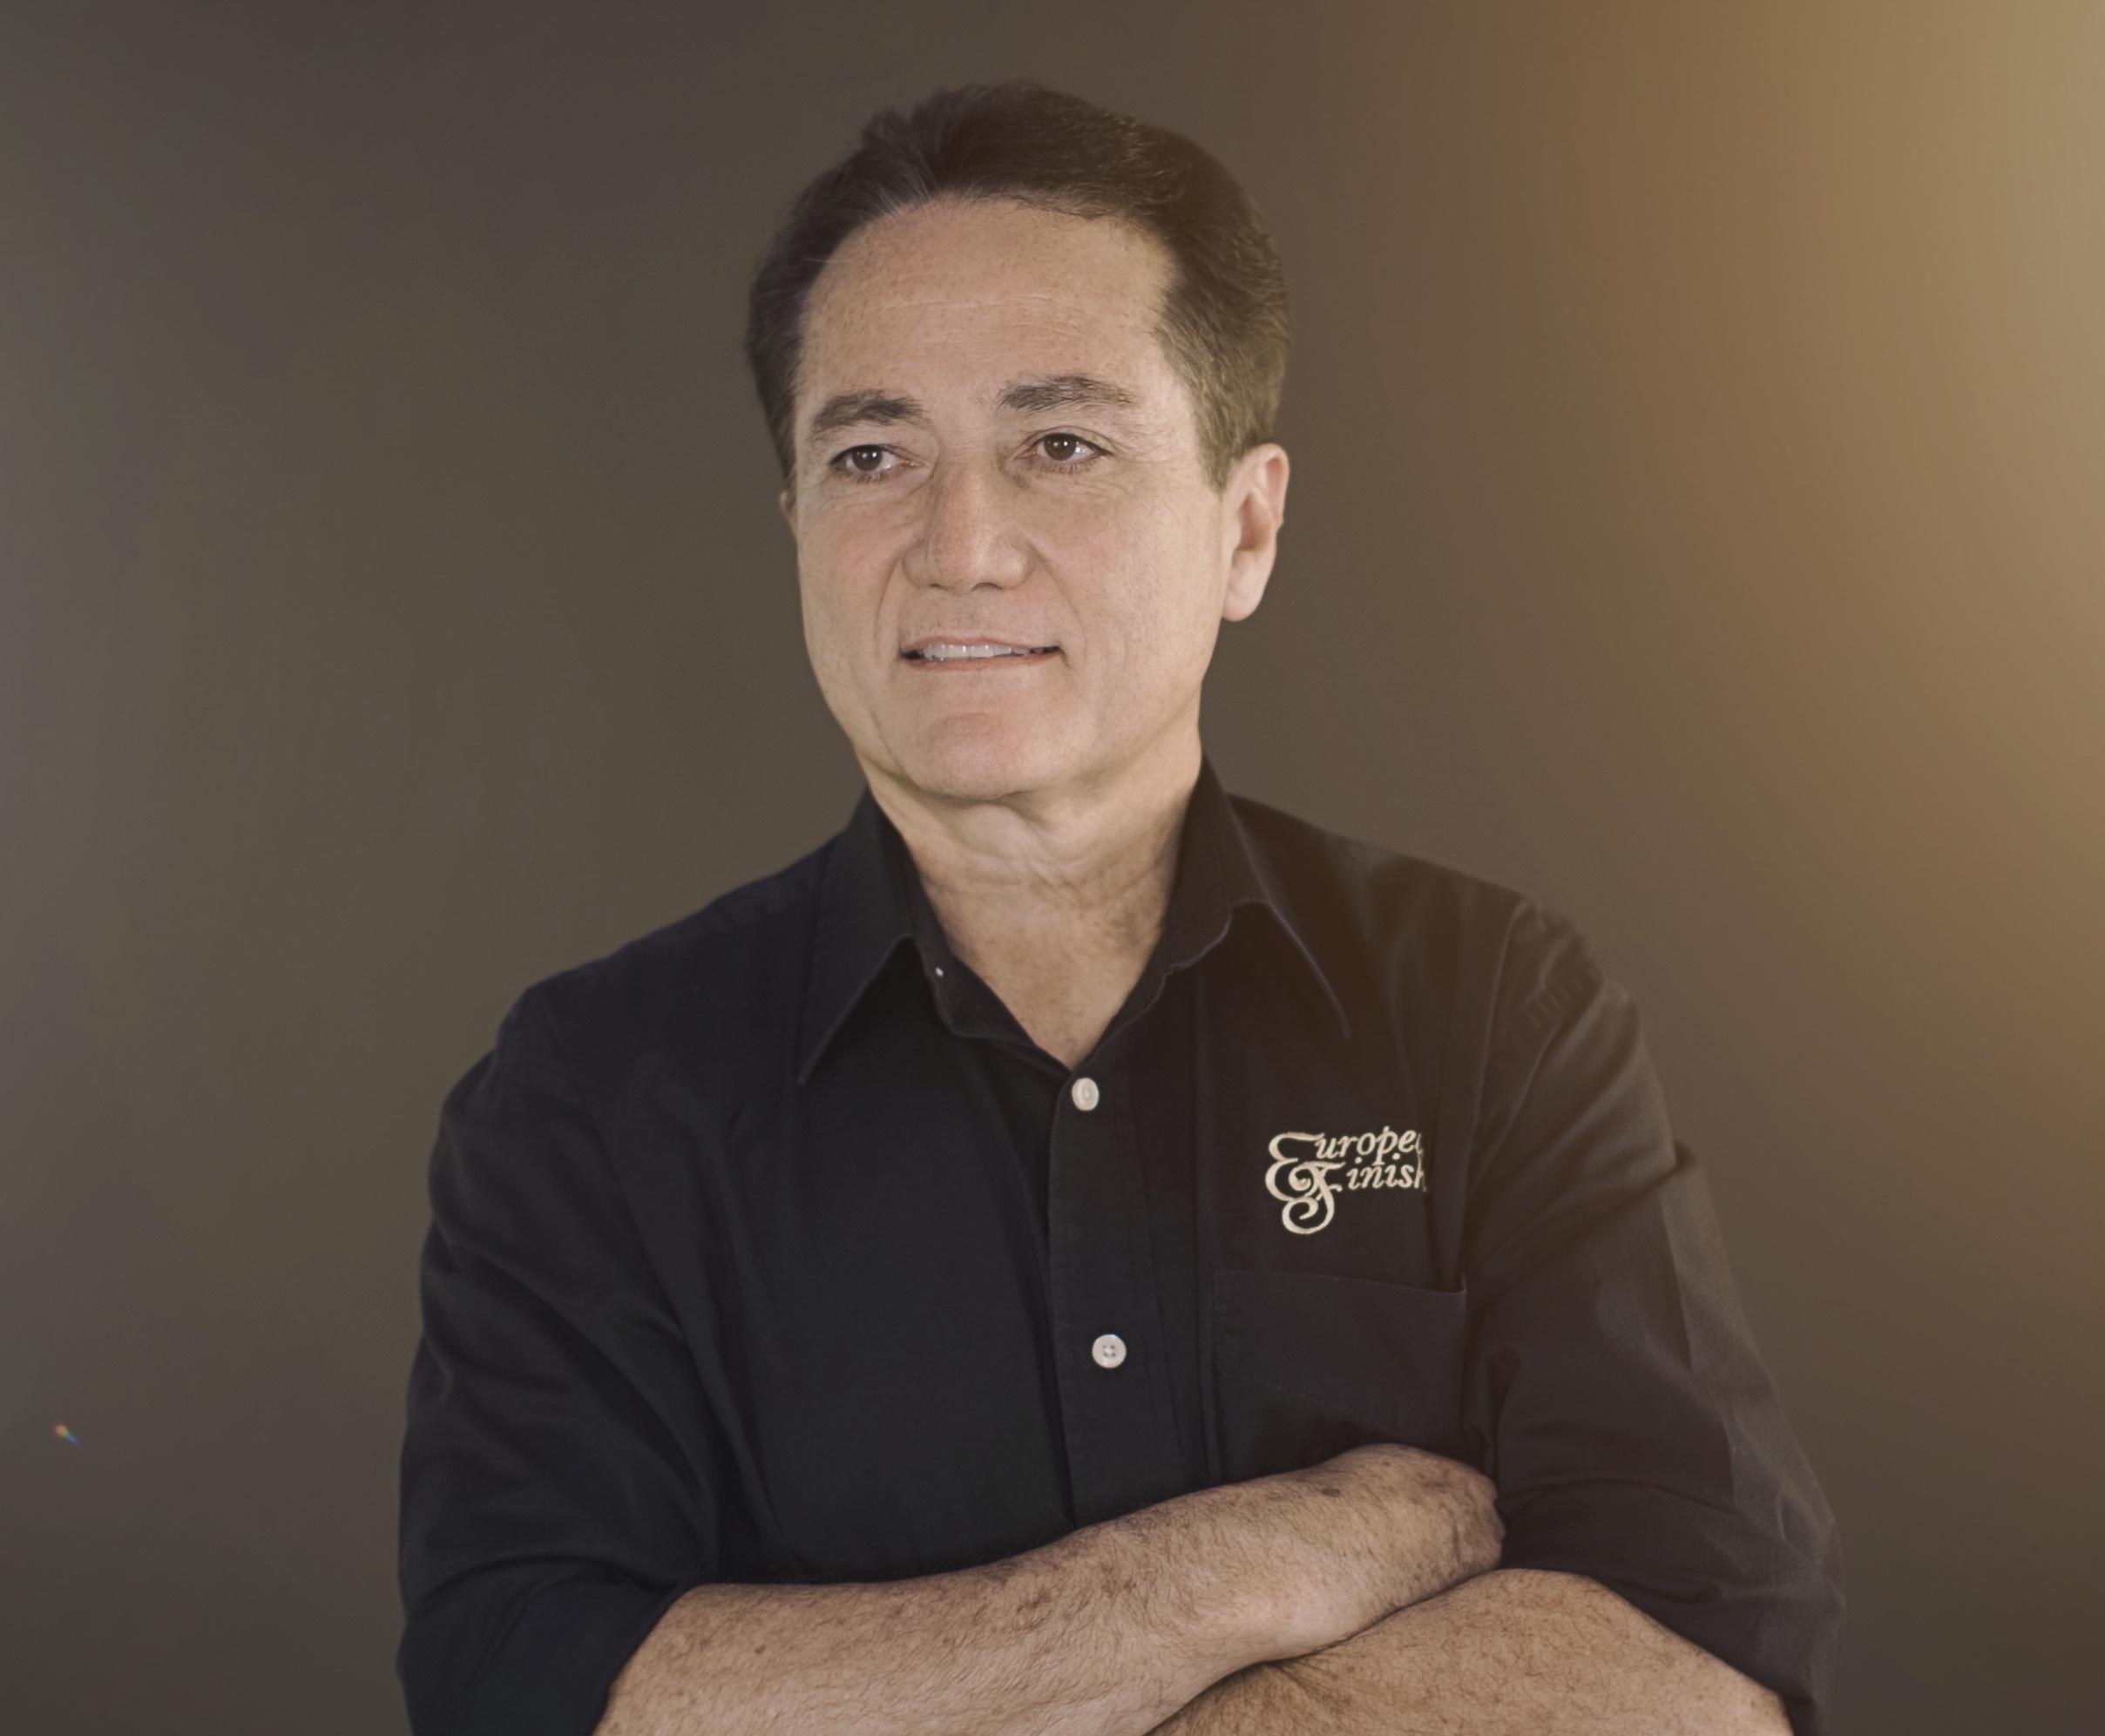 Owner & Founder Roberto E. Manzano